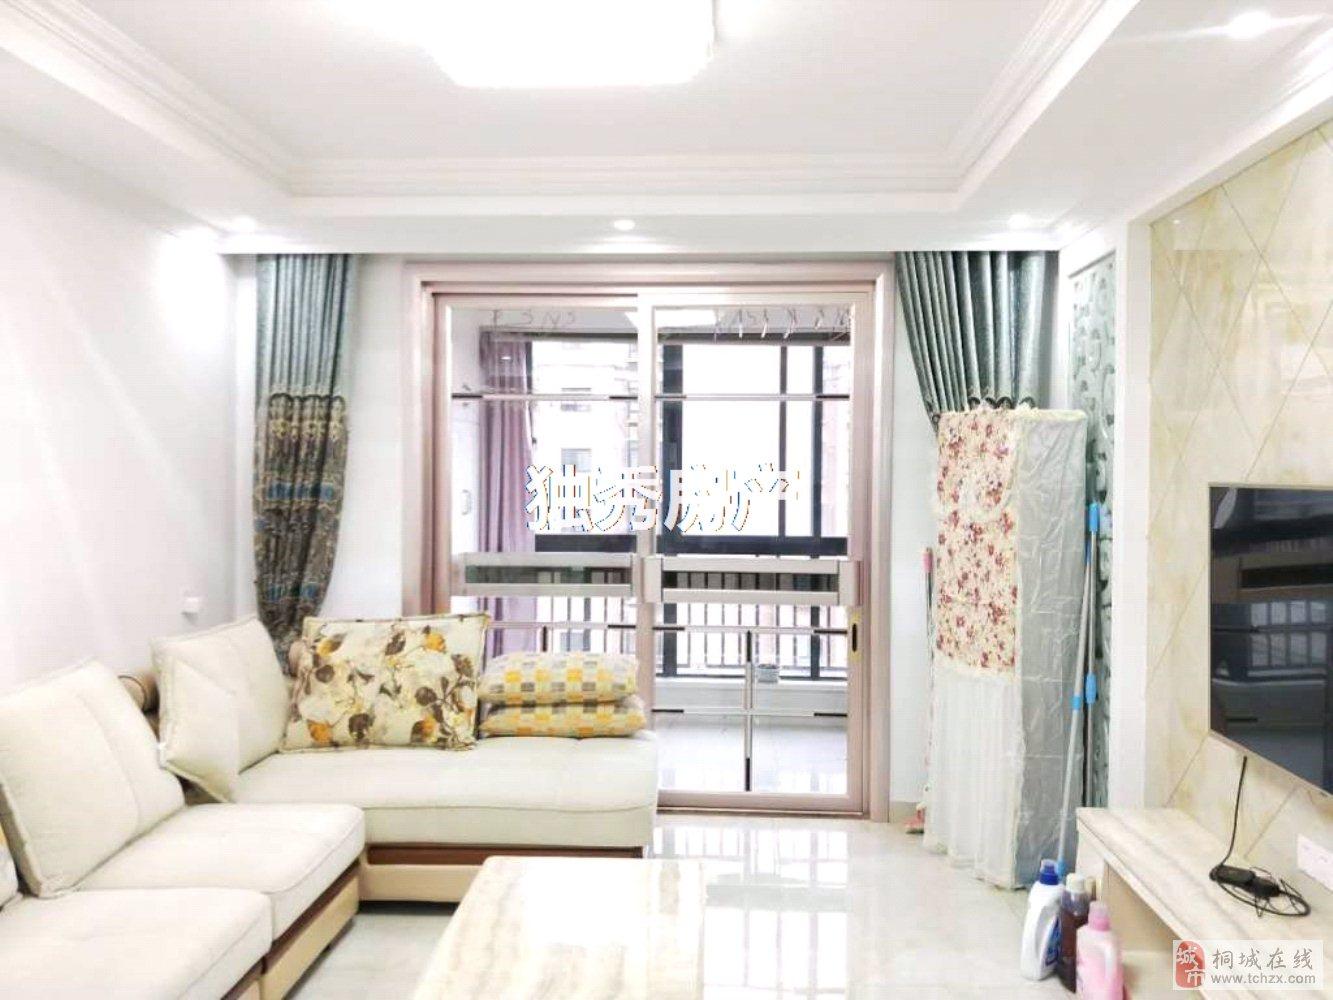 新东方世纪城3室2厅1卫88万元